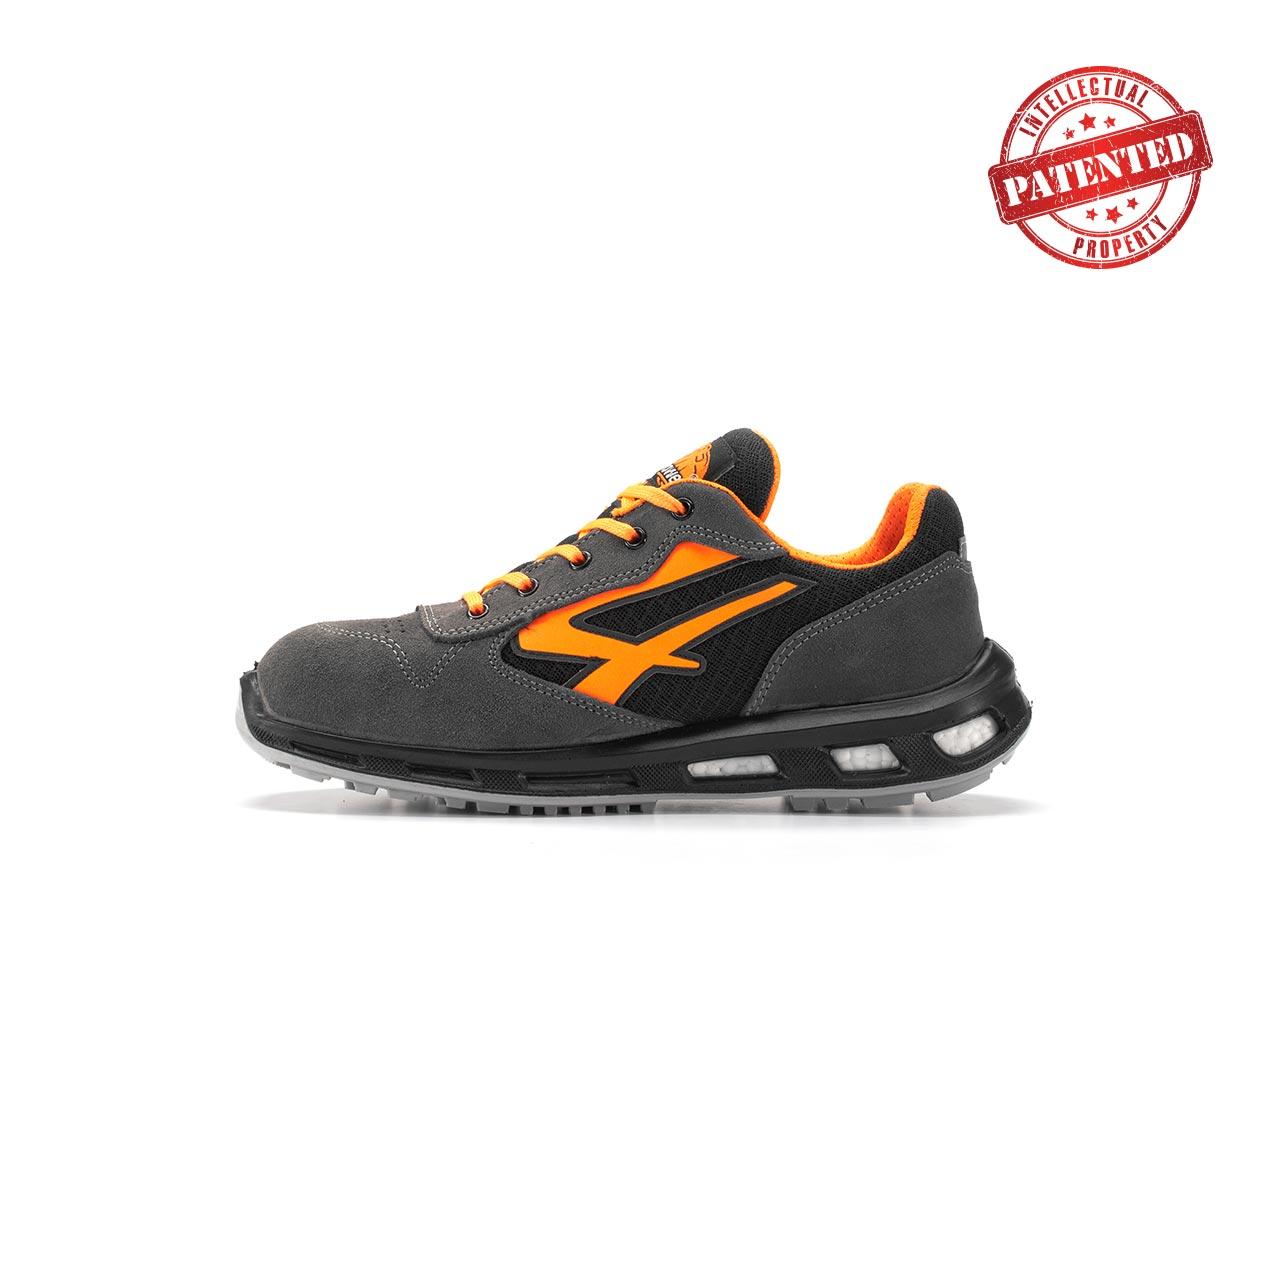 calzatura da lavoro upower modello orange linea redlion vista lato sinistra